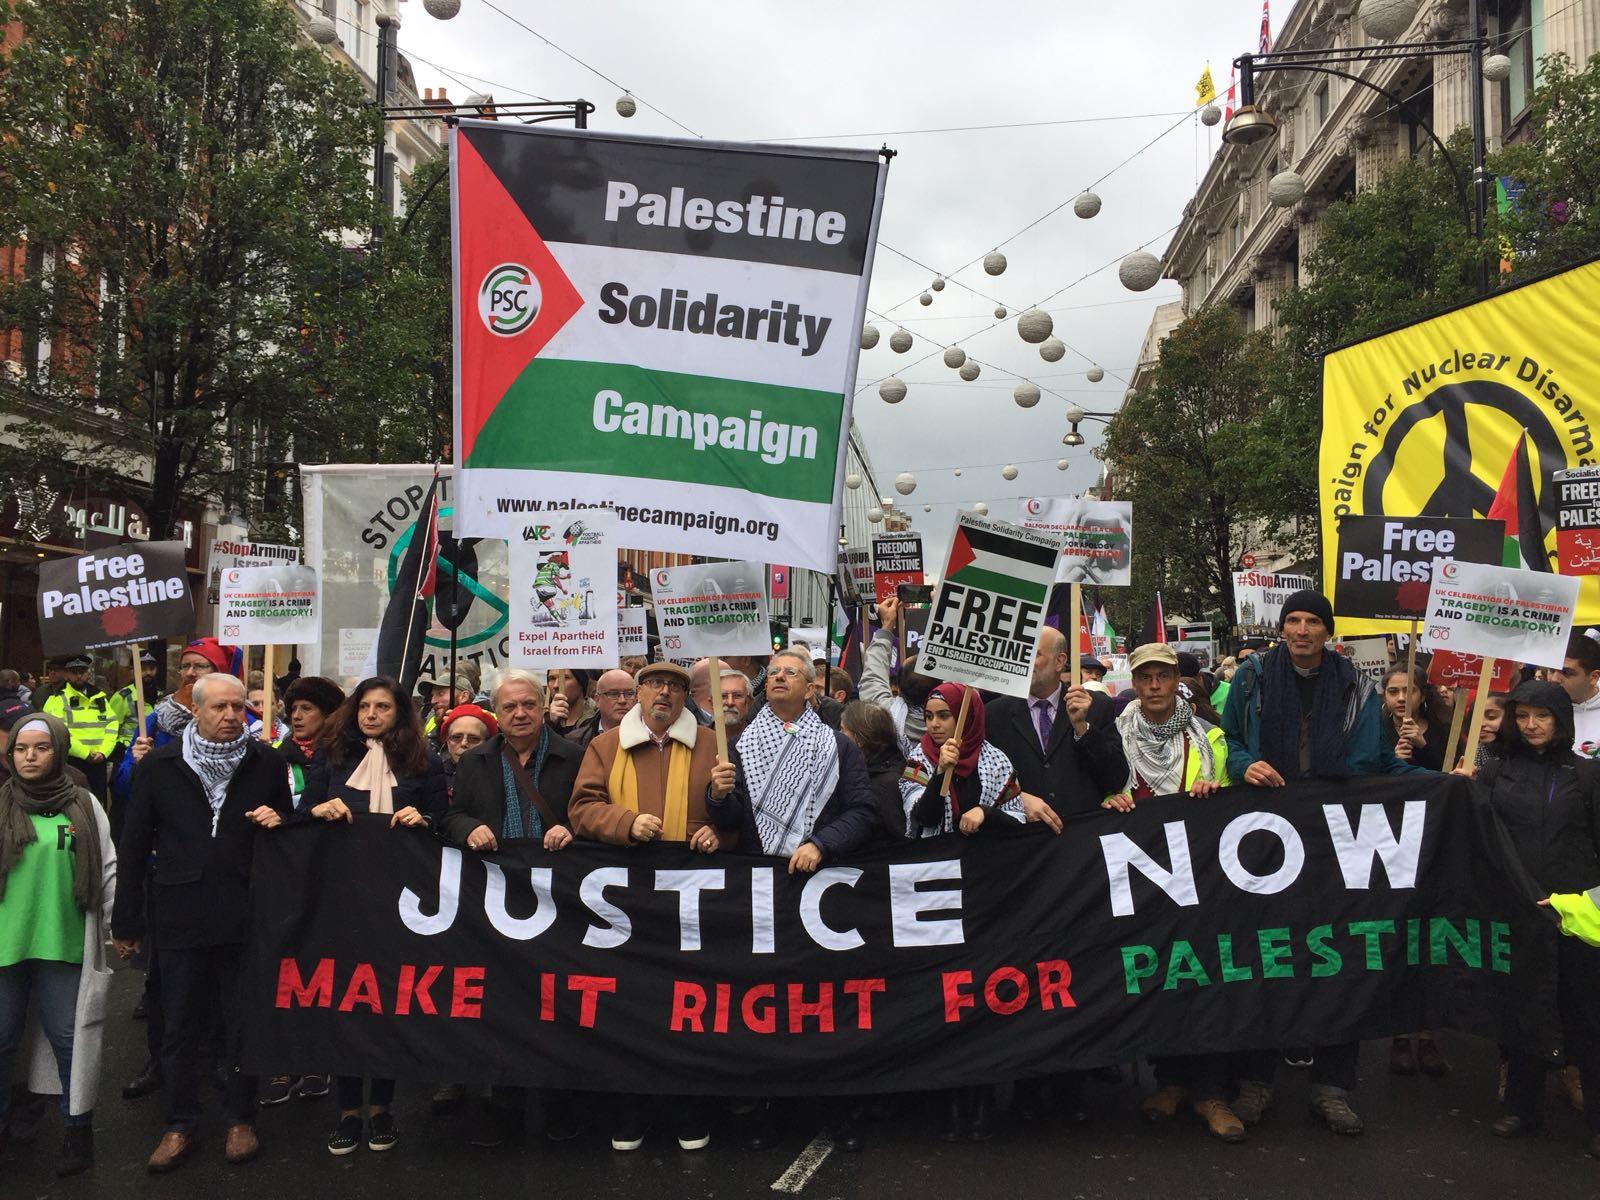 London Balfour1